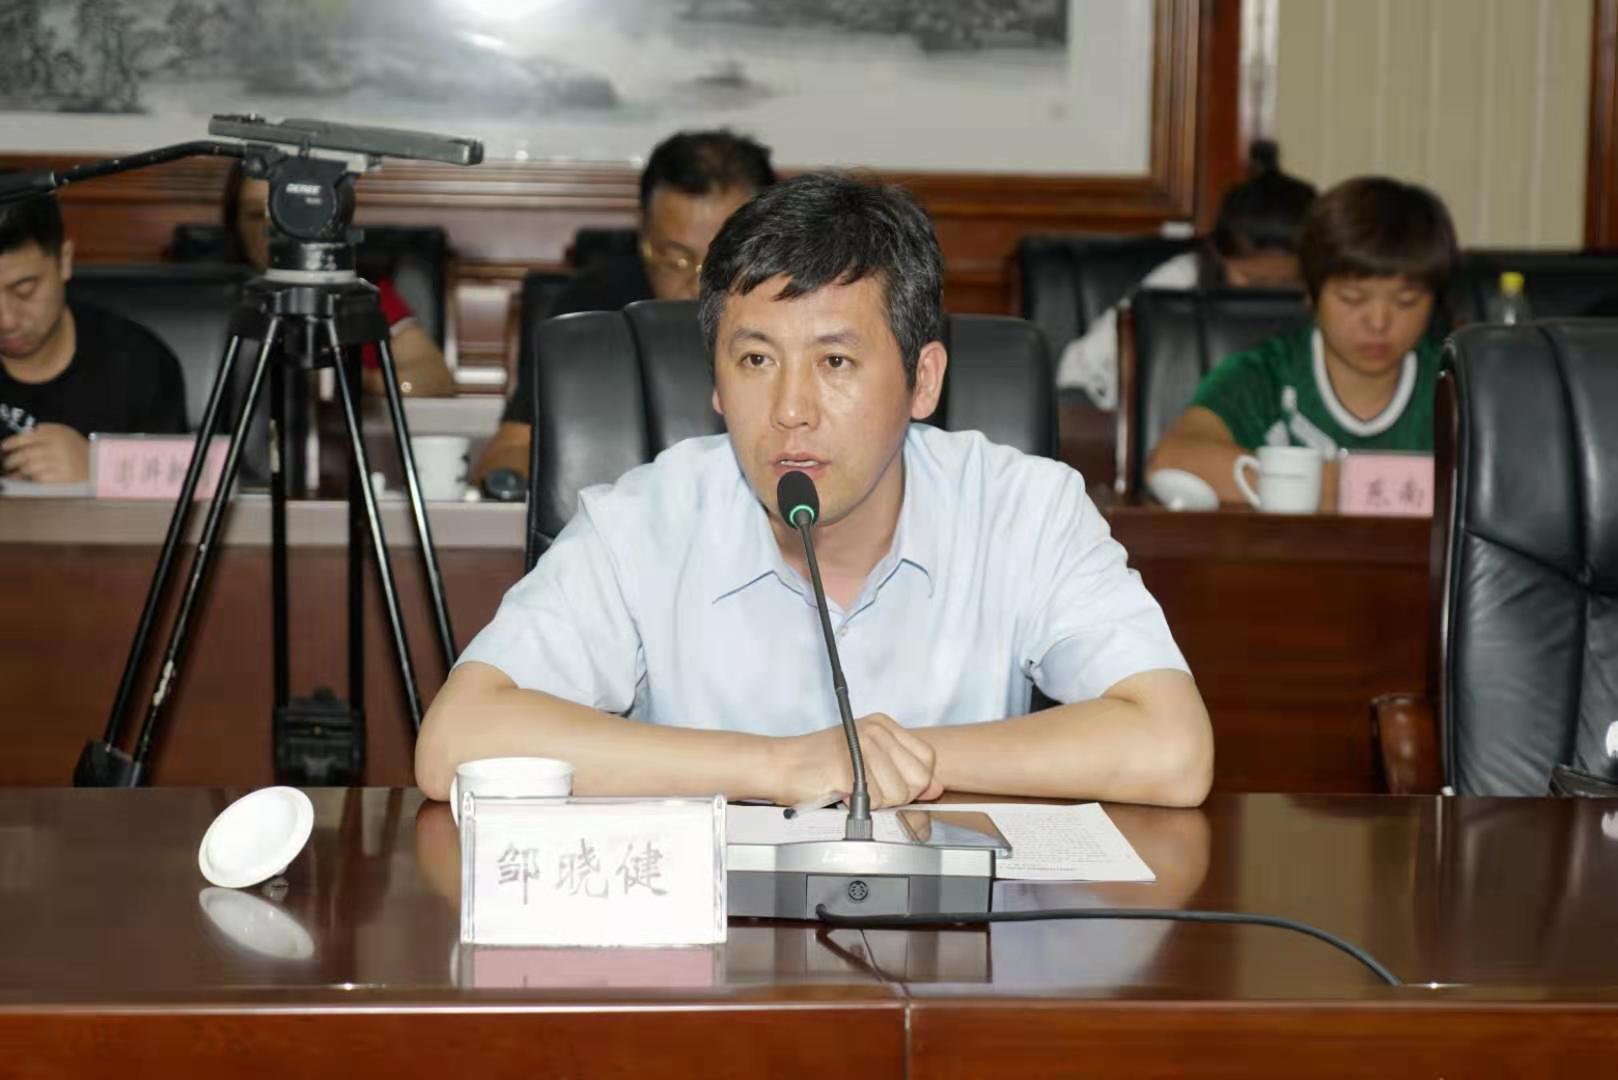 天津市委网信办新闻处四级调研员邹晓健作为媒体团代表讲话